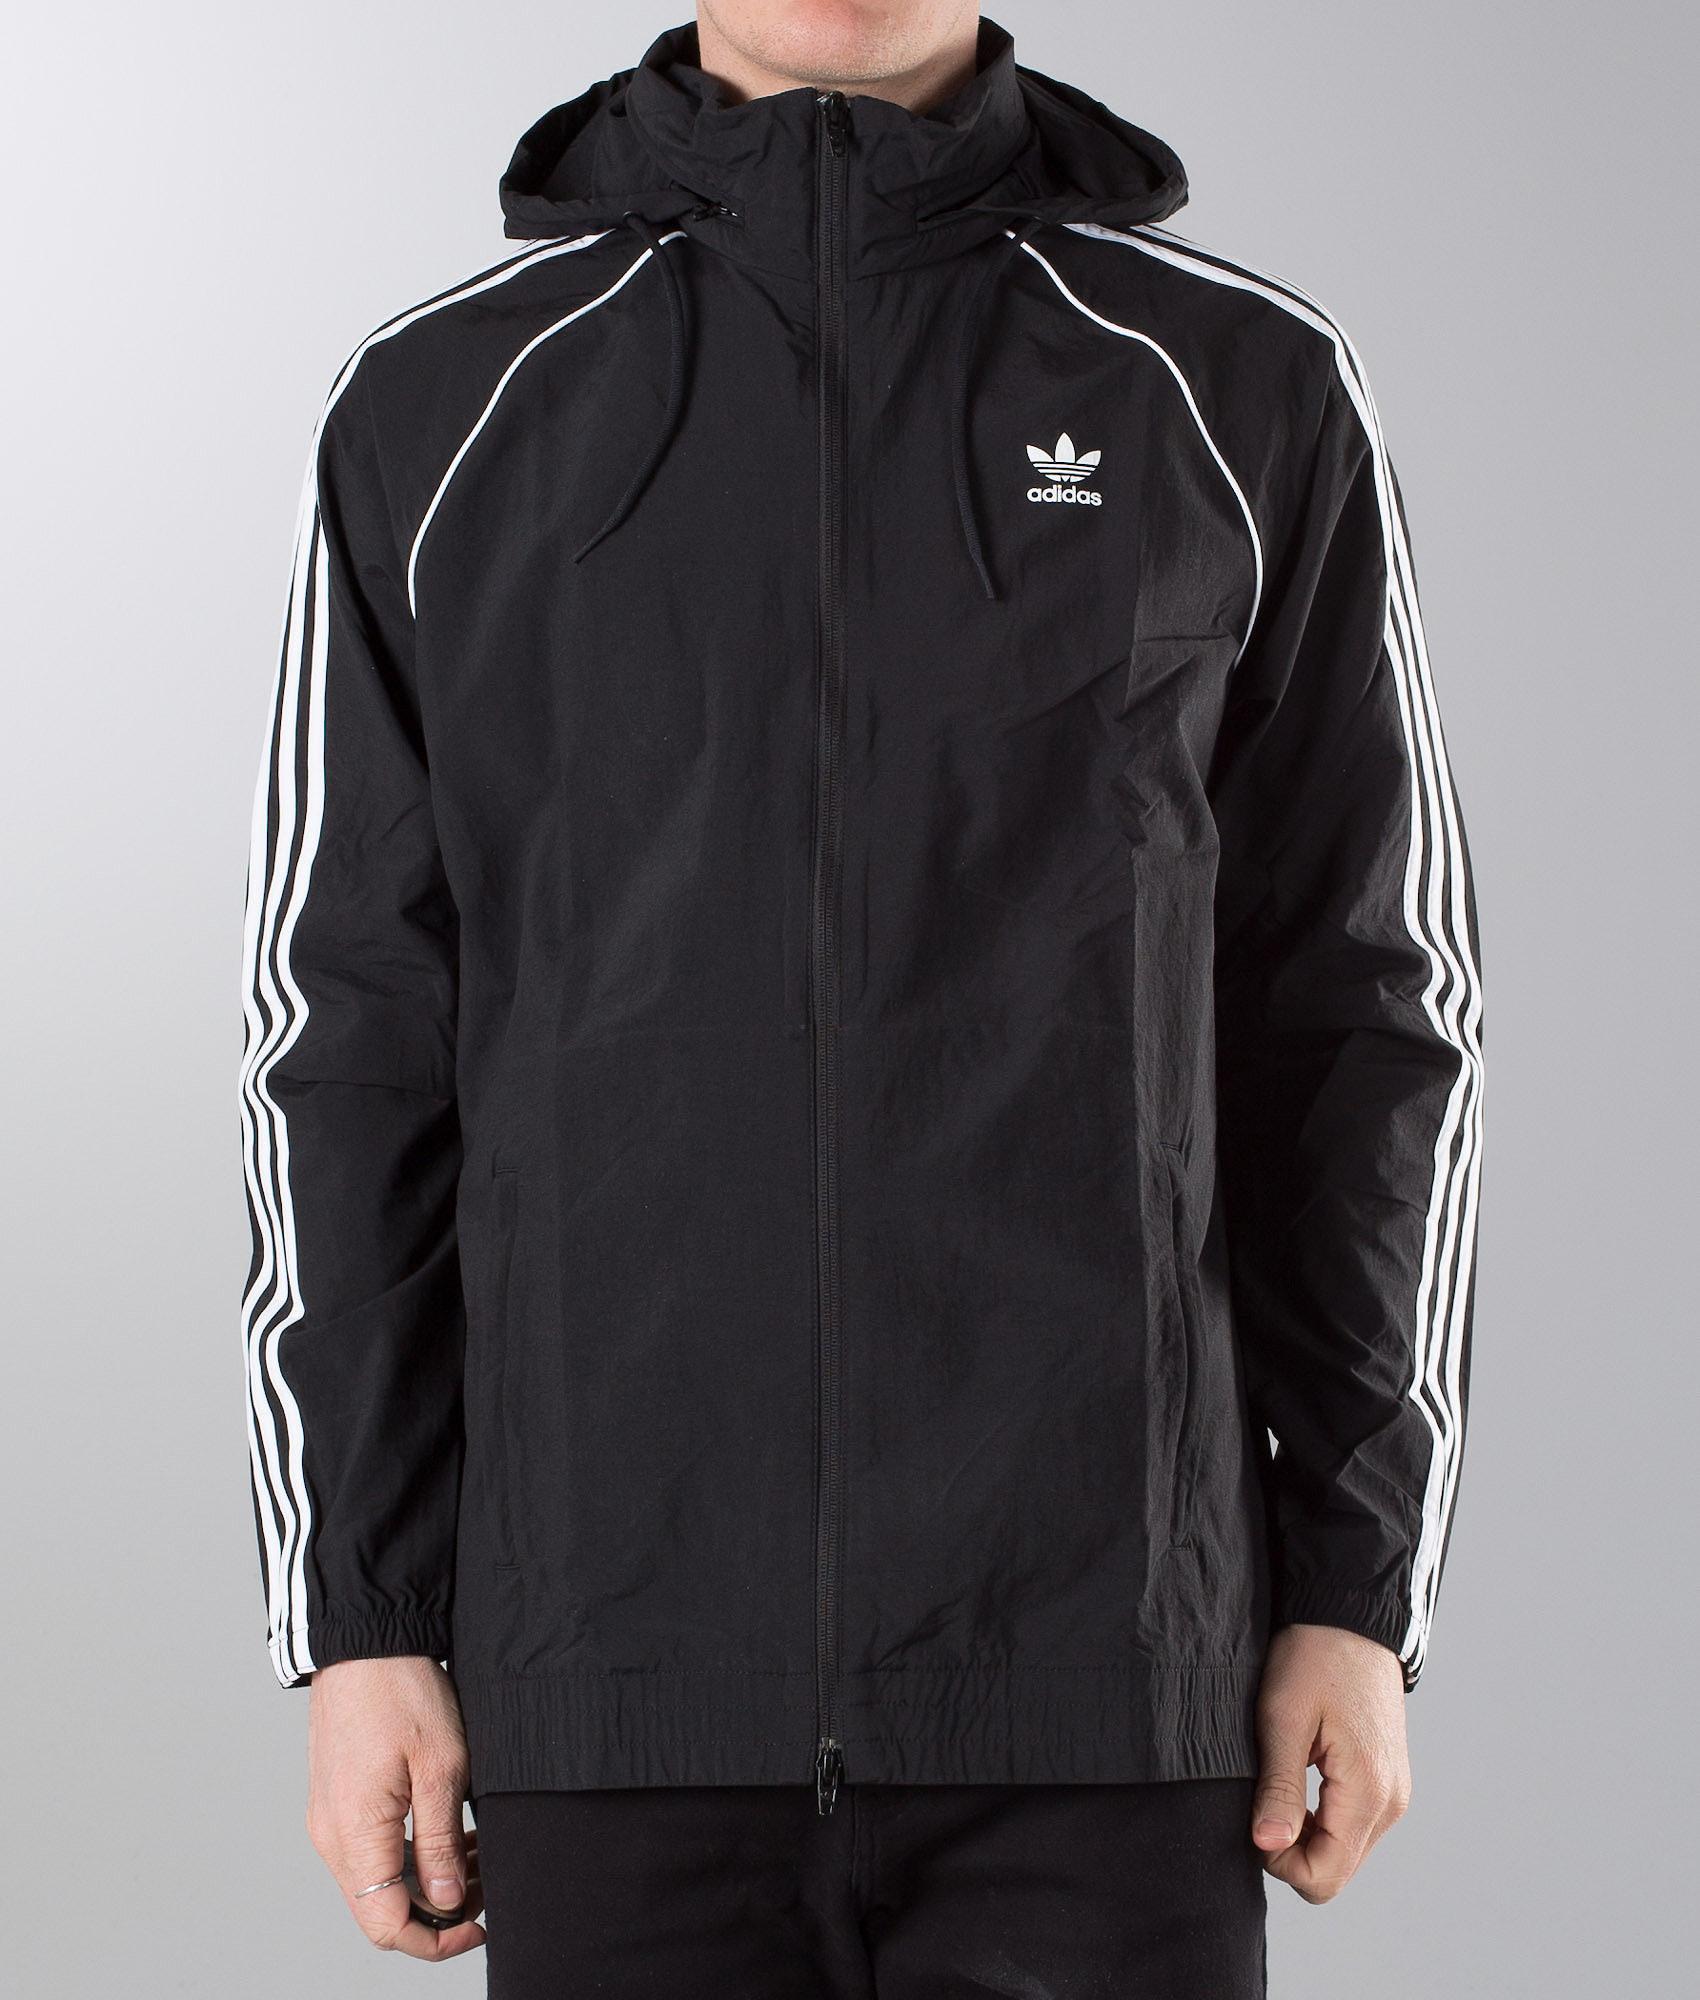 5dd976a6b828 Adidas Originals SST Jacket Black - Ridestore.com